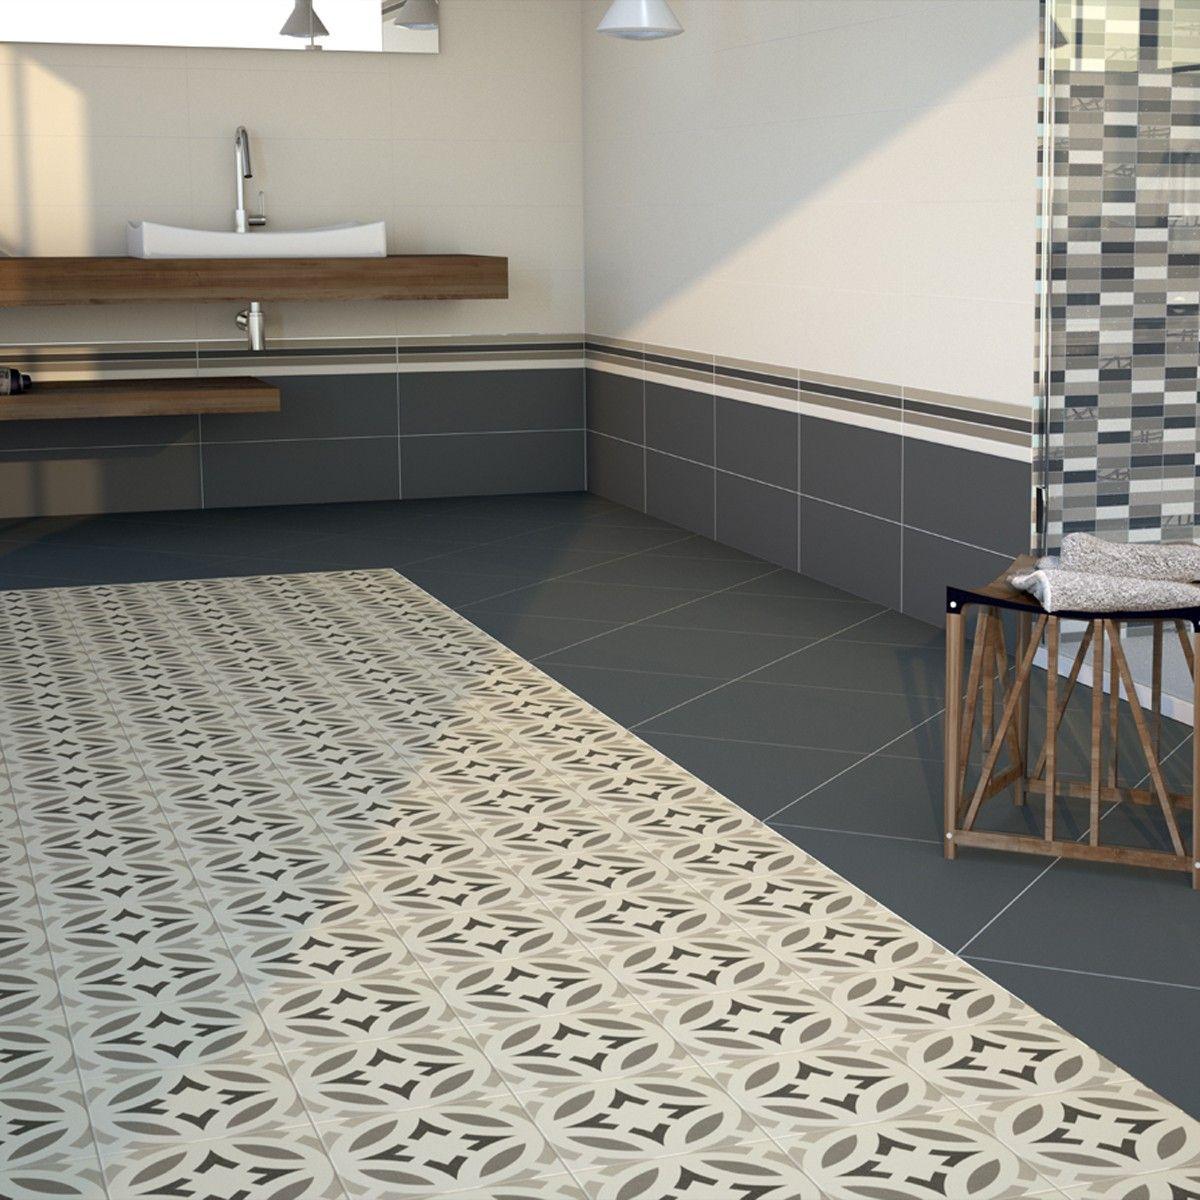 Hastings Black Pattern Floor Tile | SKU: 024035 | Tile Choice ...